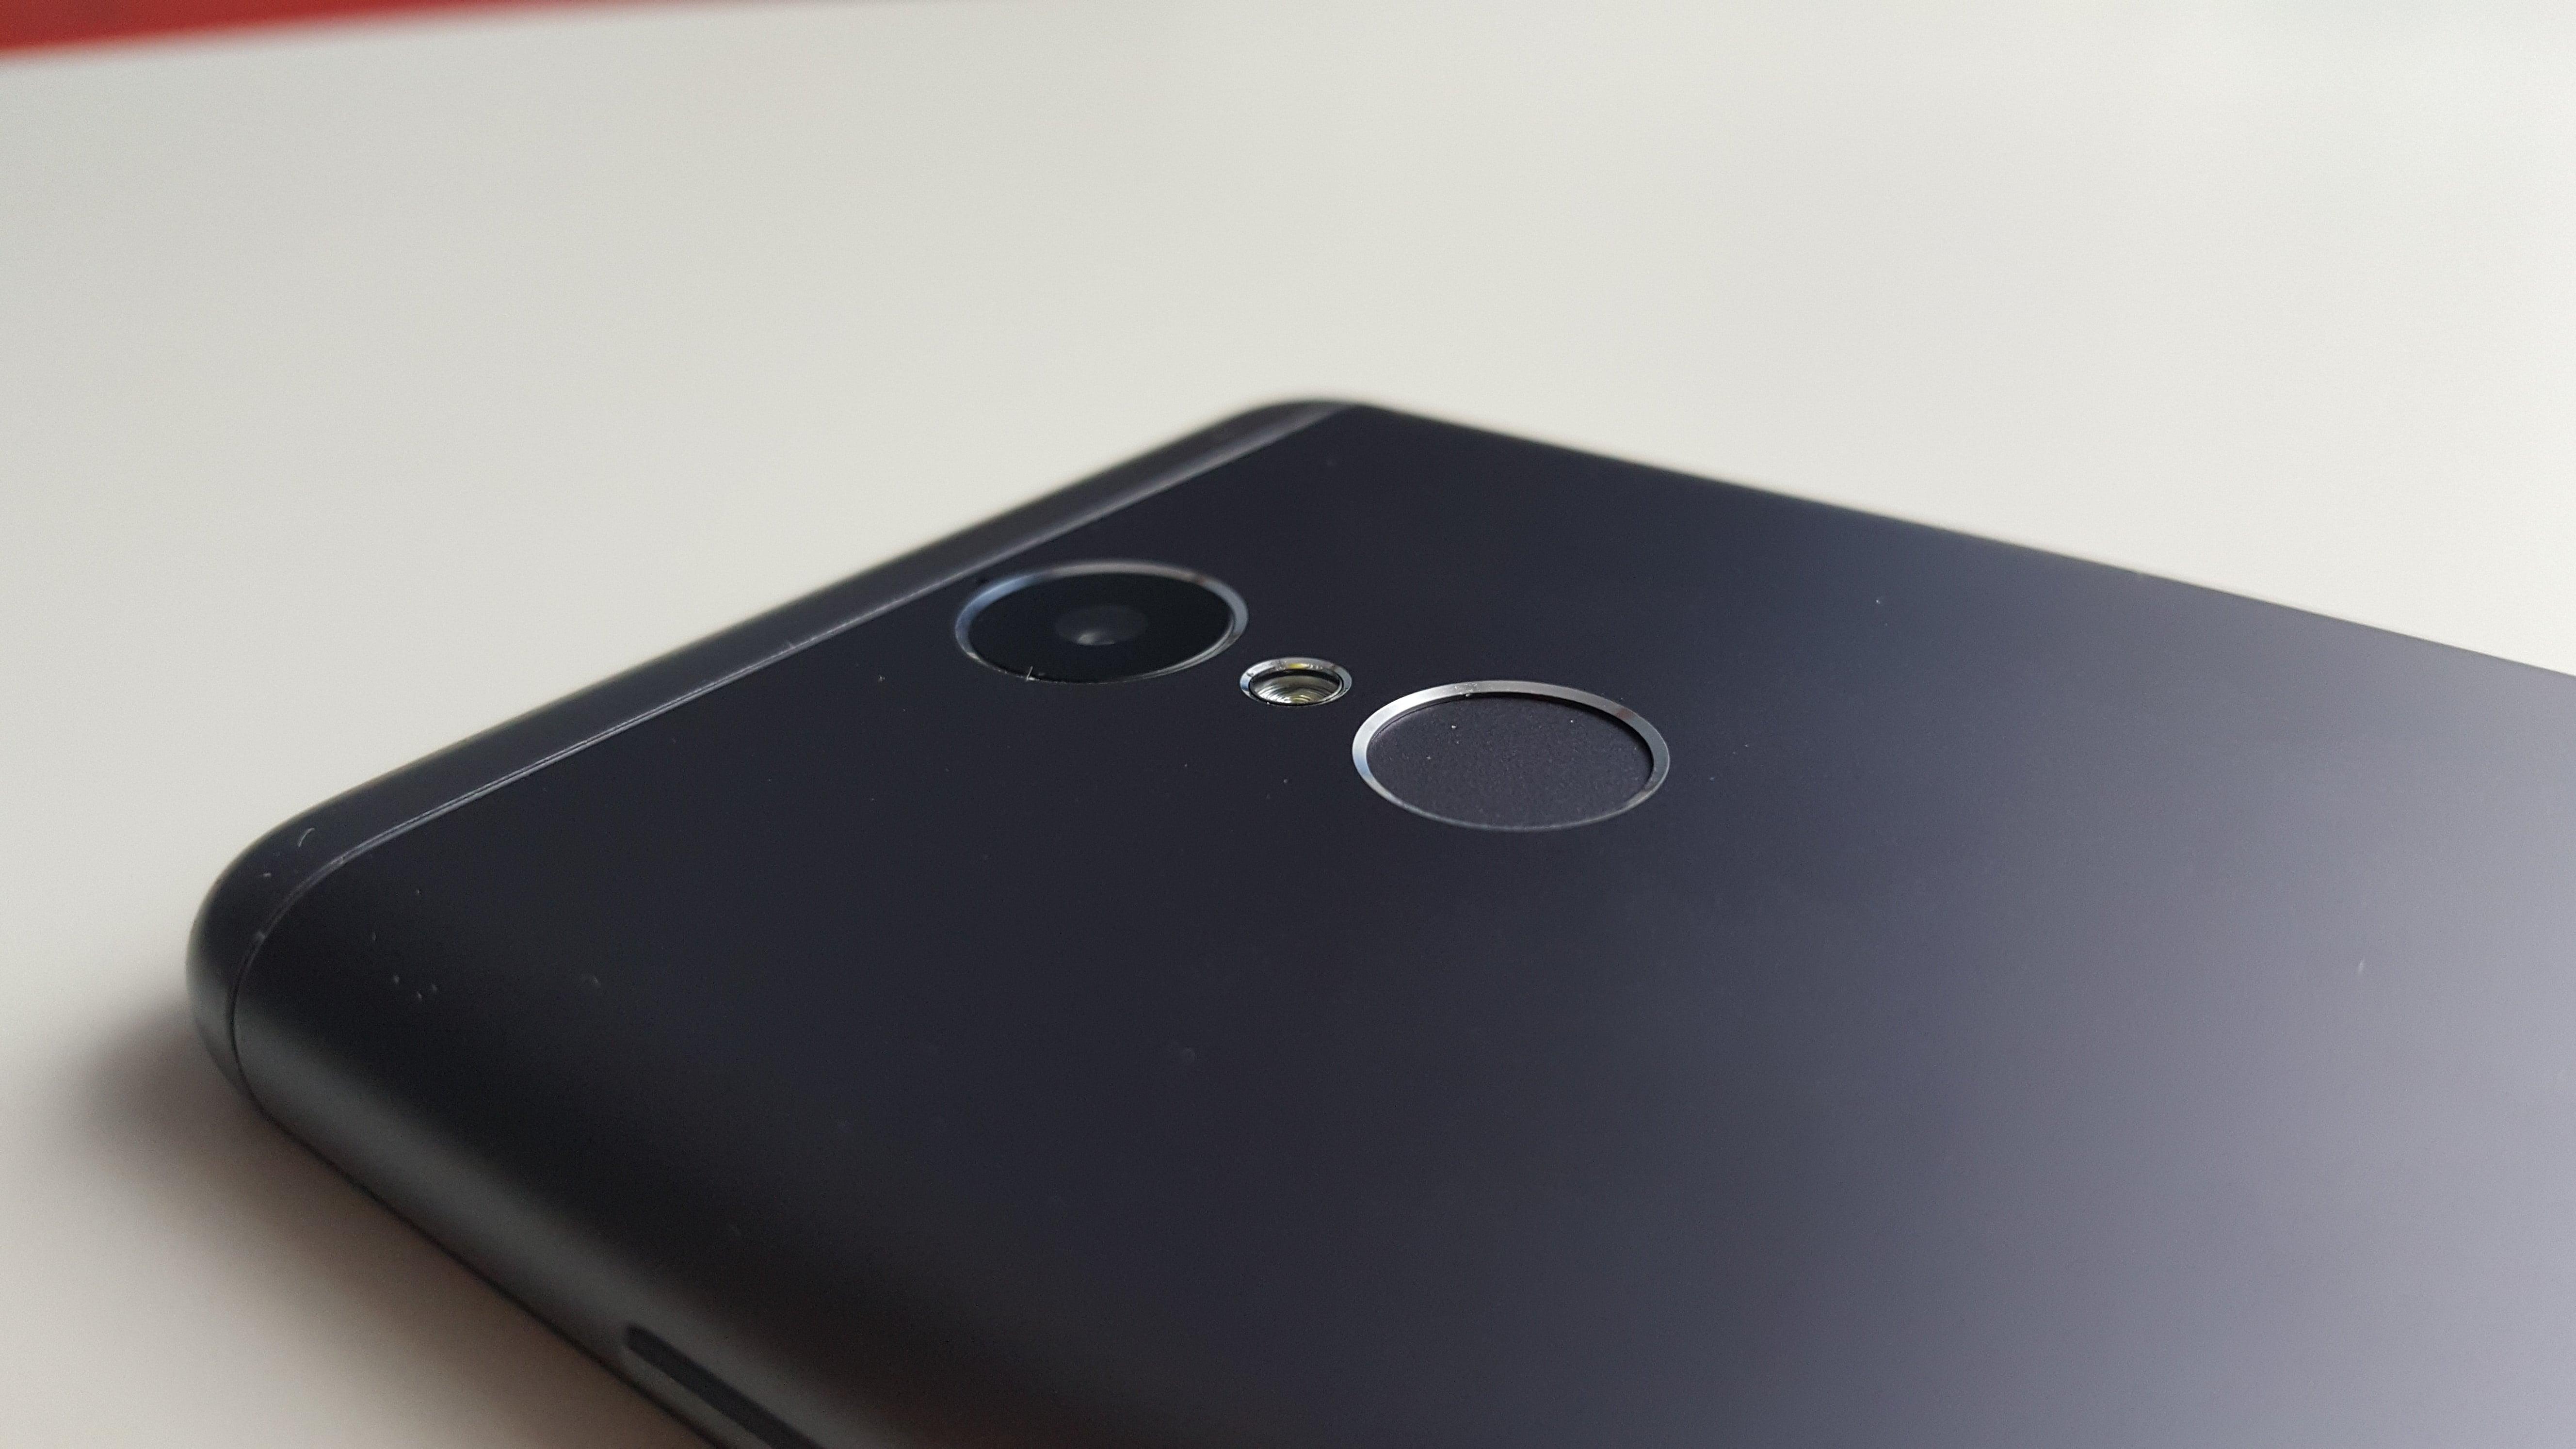 Tabletowo Recenzja Lenovo K6 Power Prawdziwy długodystansowiec Android Lenovo Recenzje Smartfony